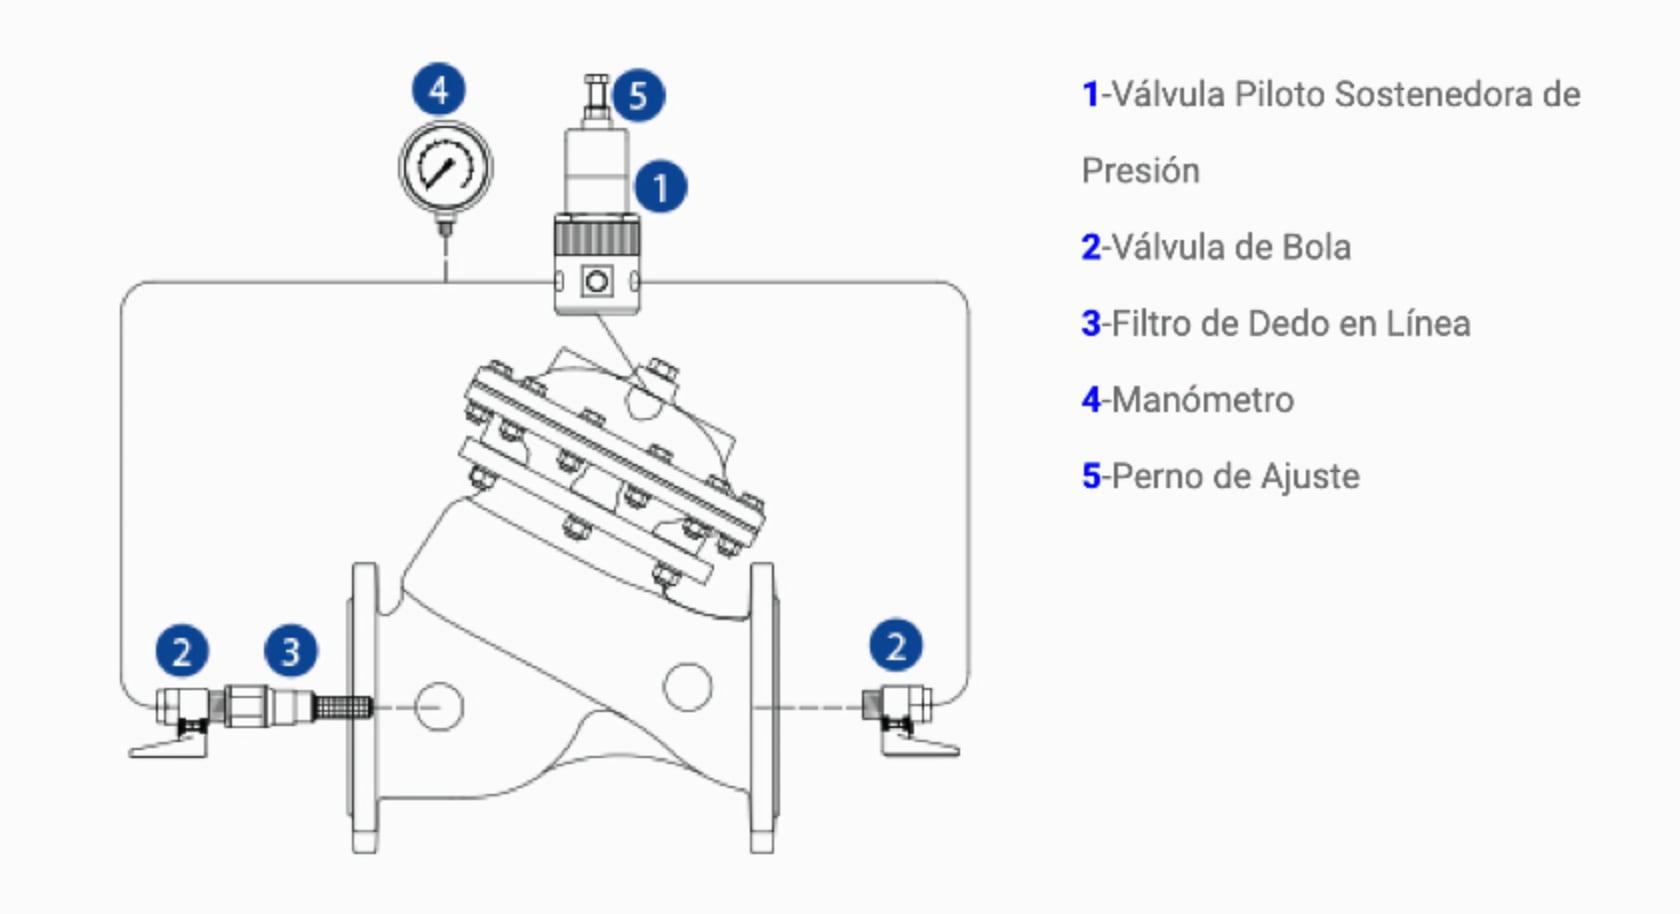 Partes de la valvula sostenedora de presion de agua